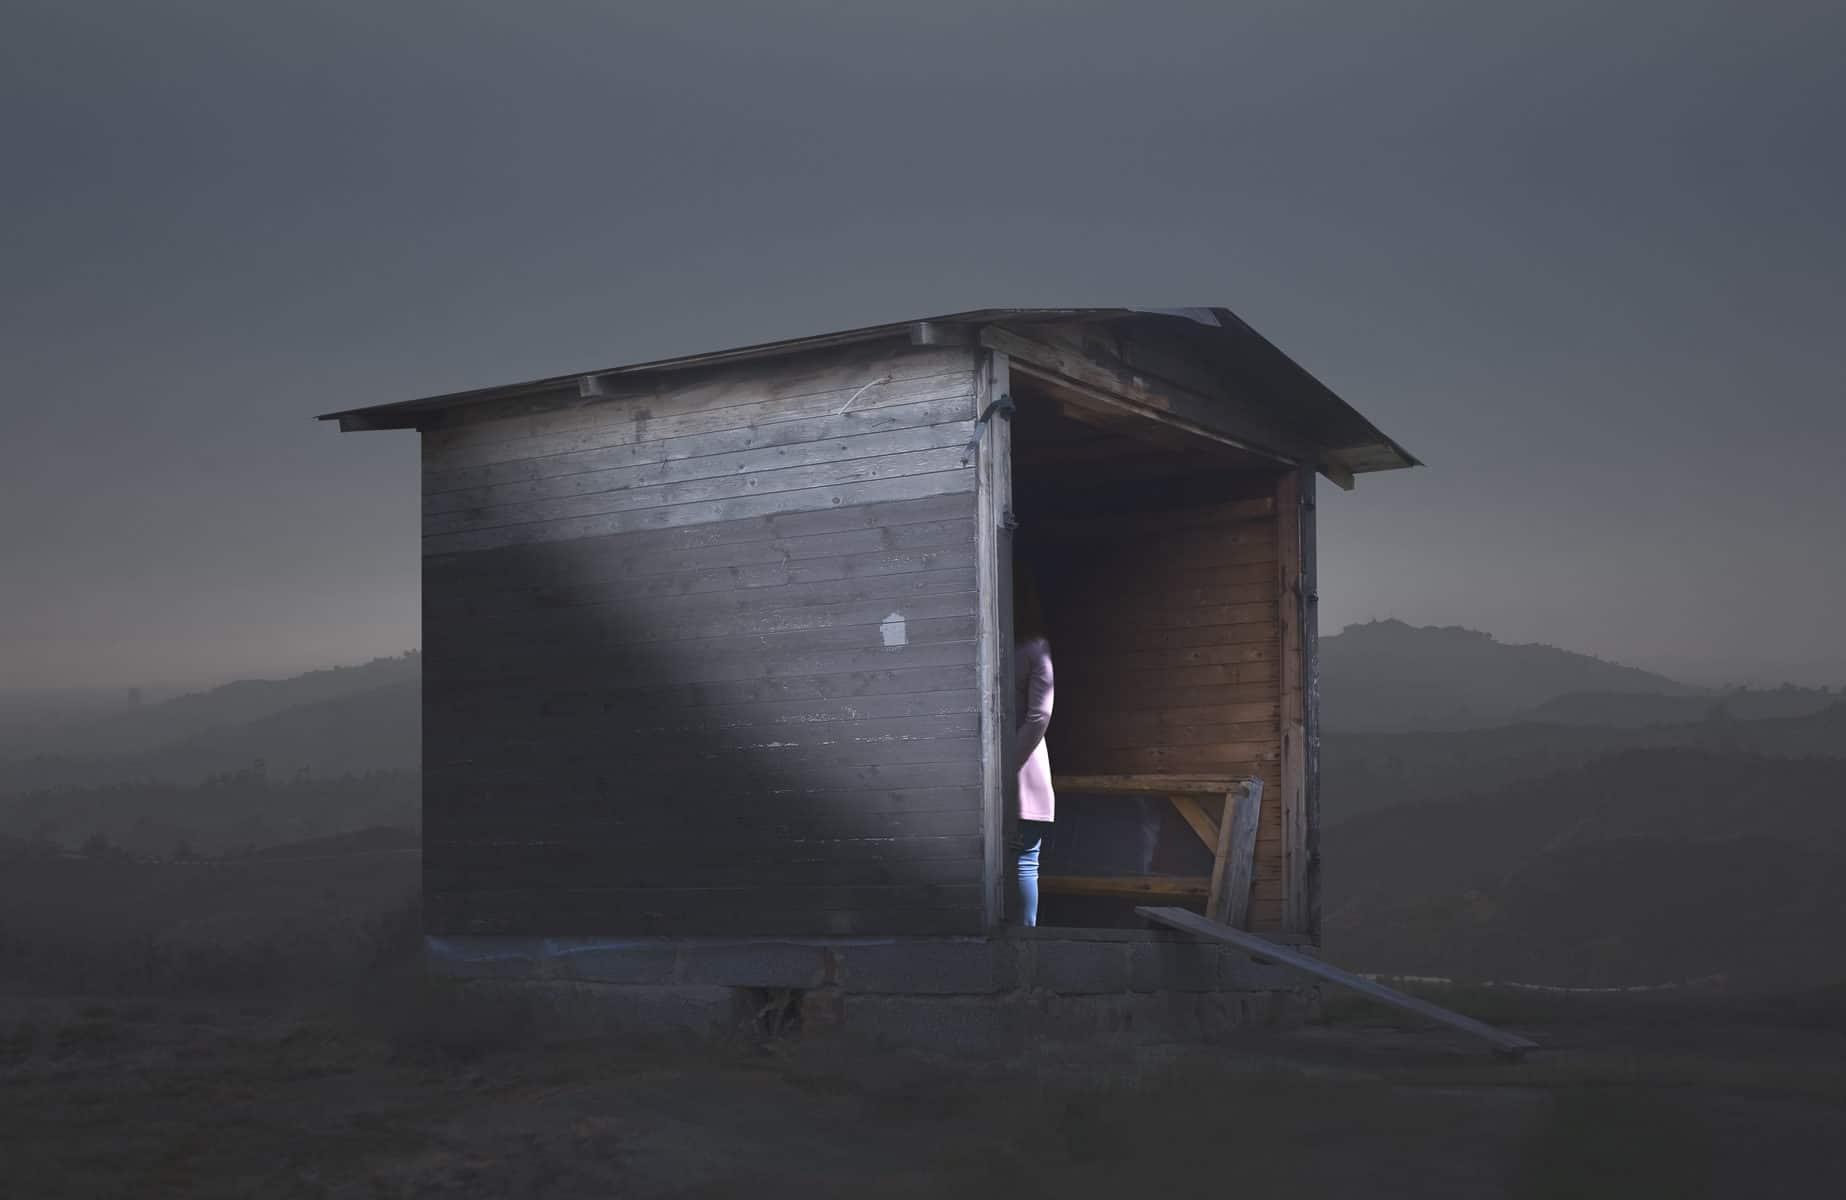 © Kristoffer Axén